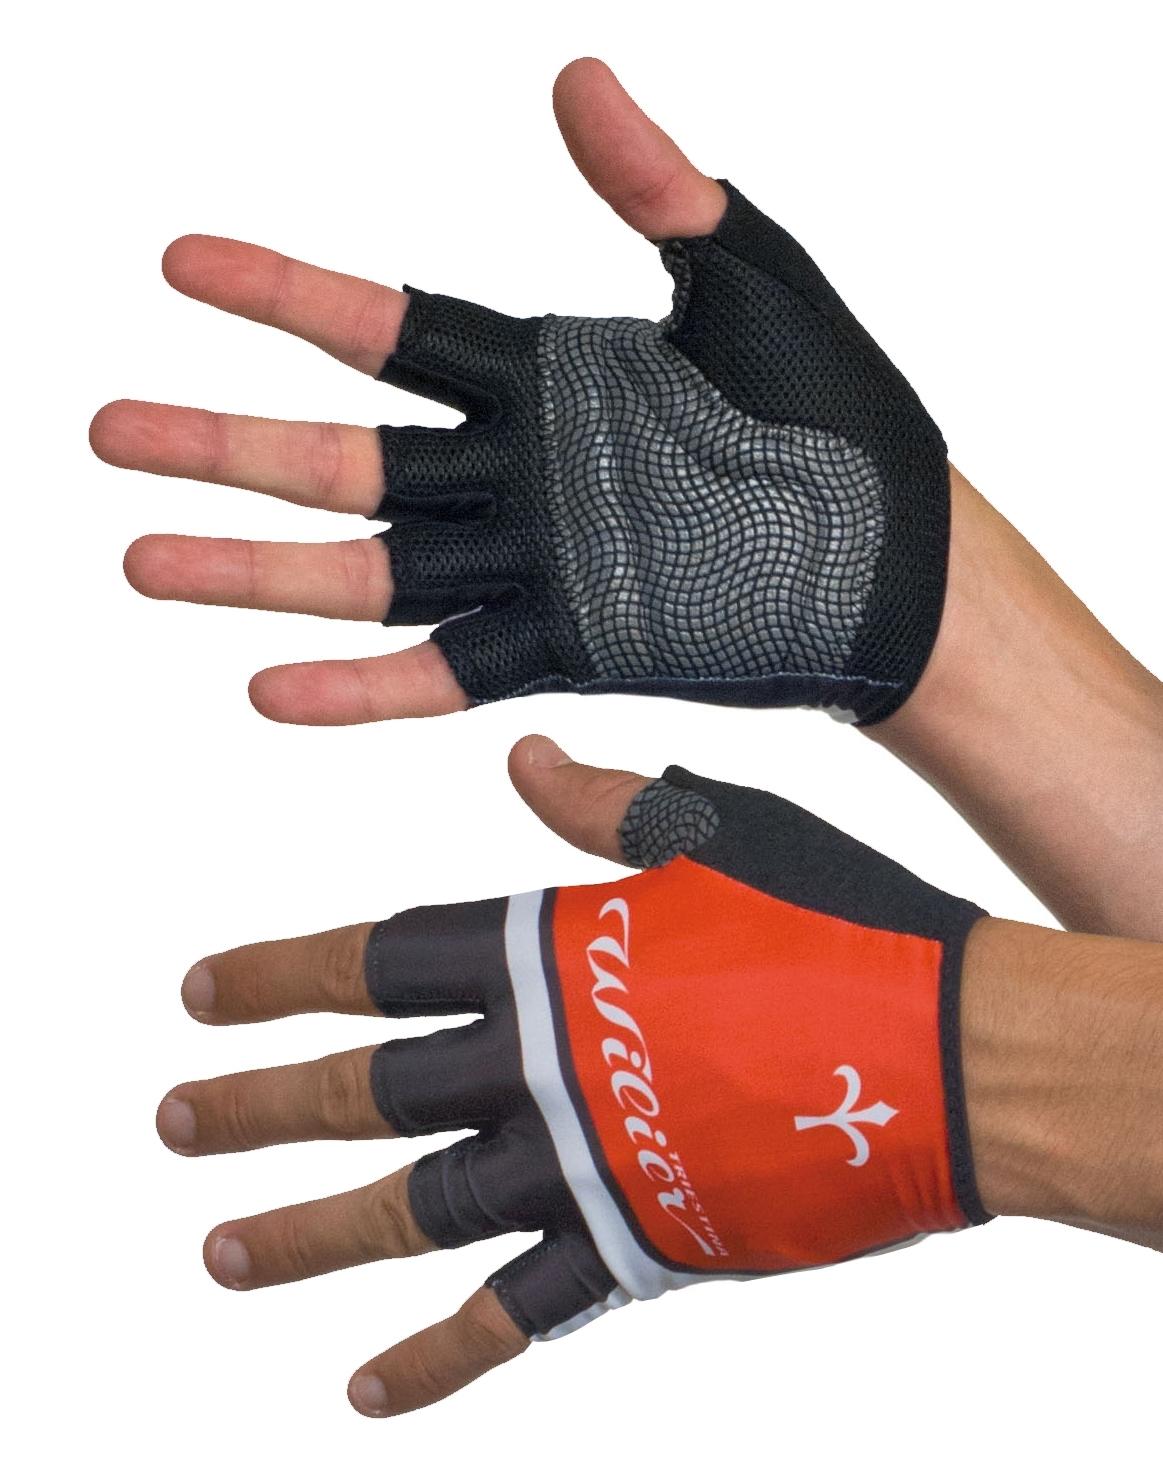 rukavice WILIER bez zapínání, červeno-černé S